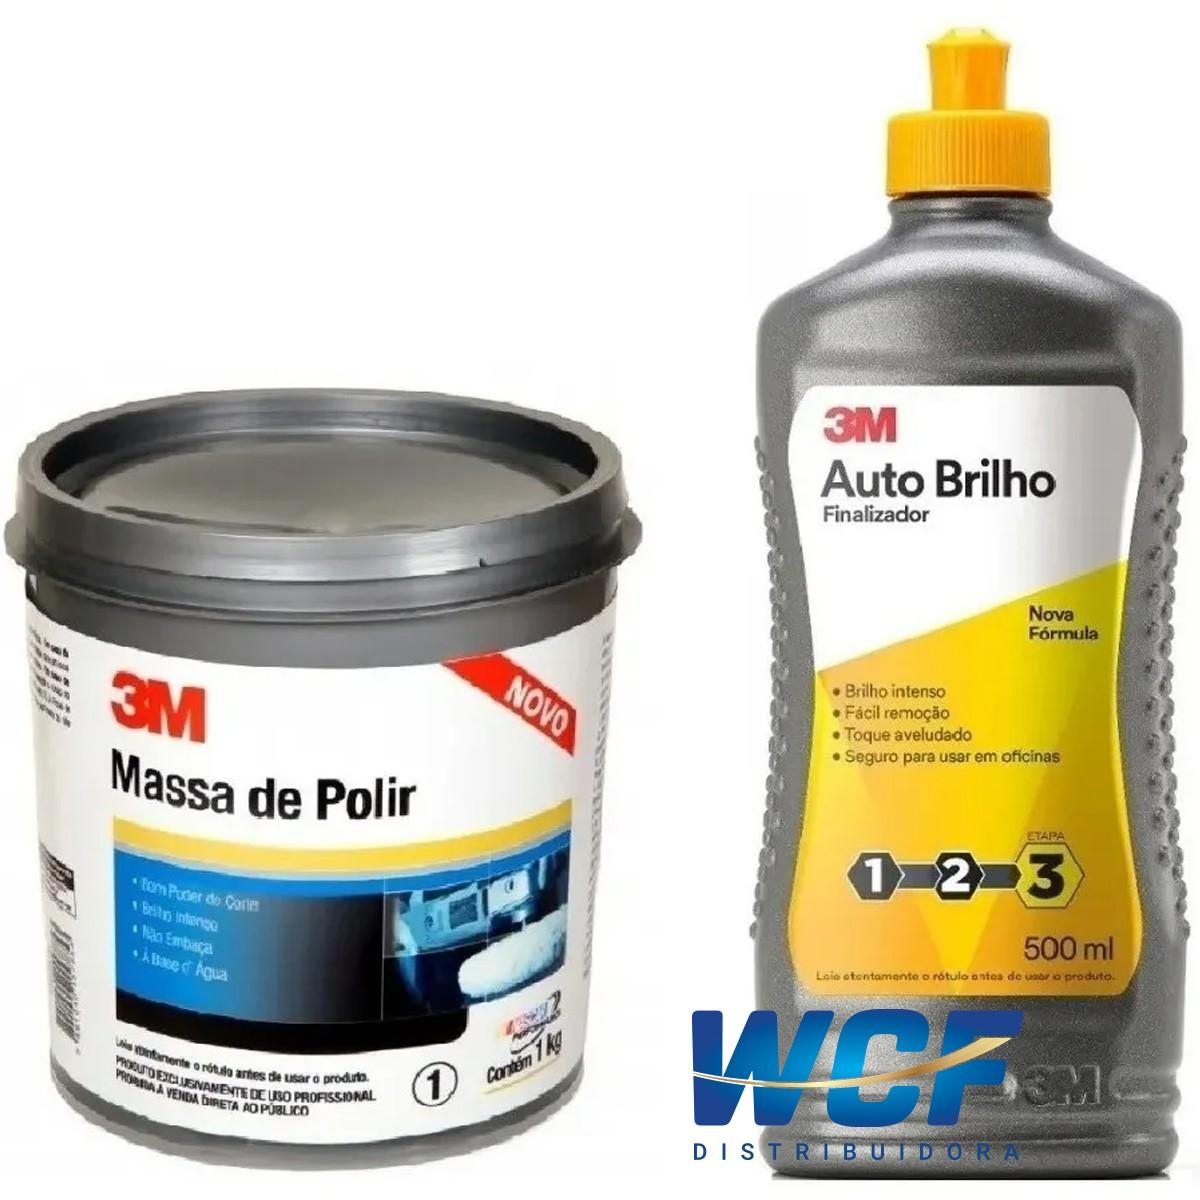 Kit 3m Massa De Polir e 3m Auto Brilho